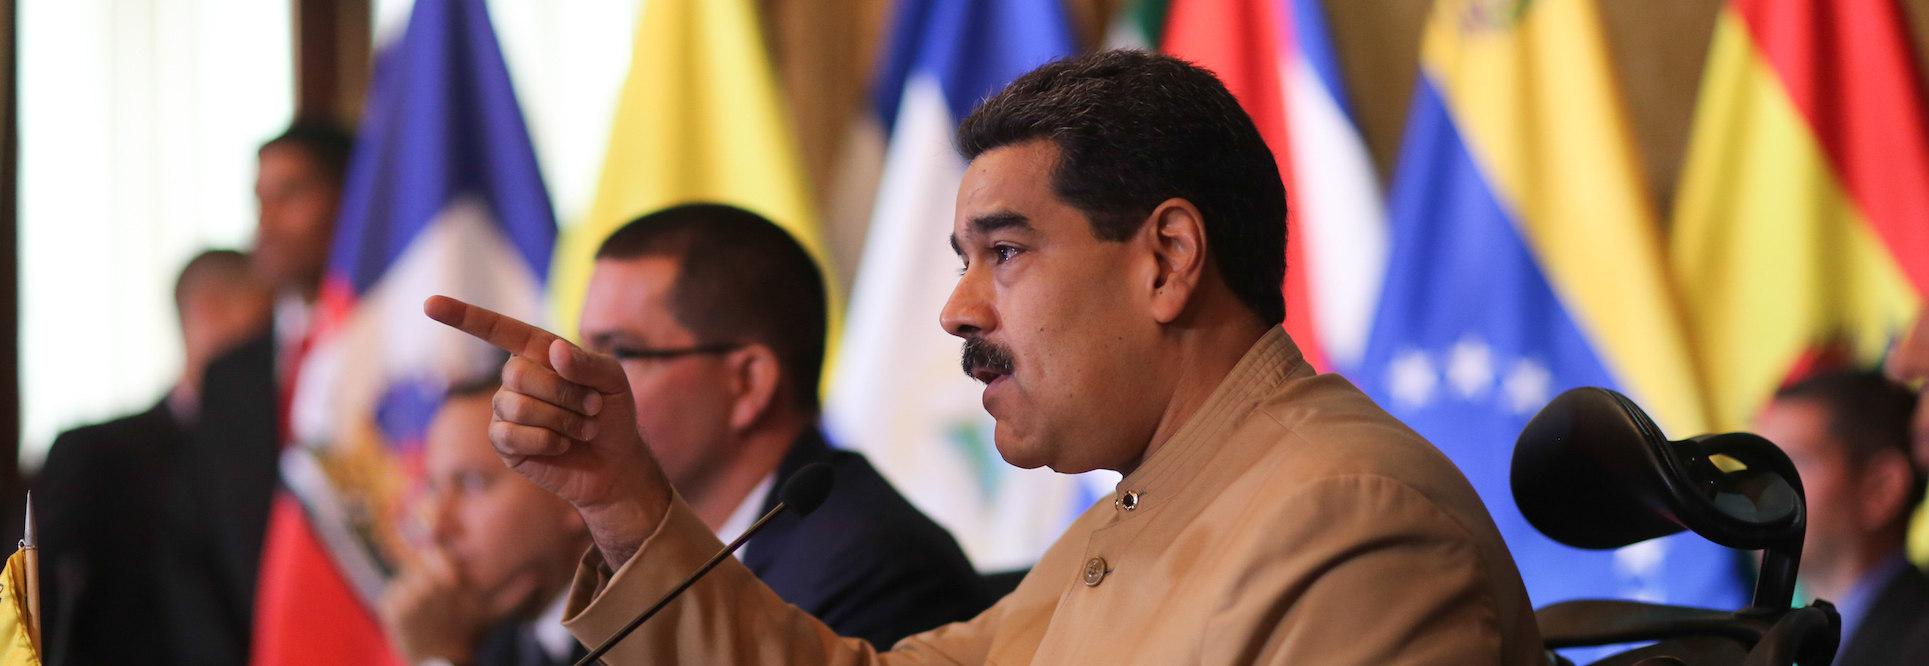 América se une en contra de Maduro